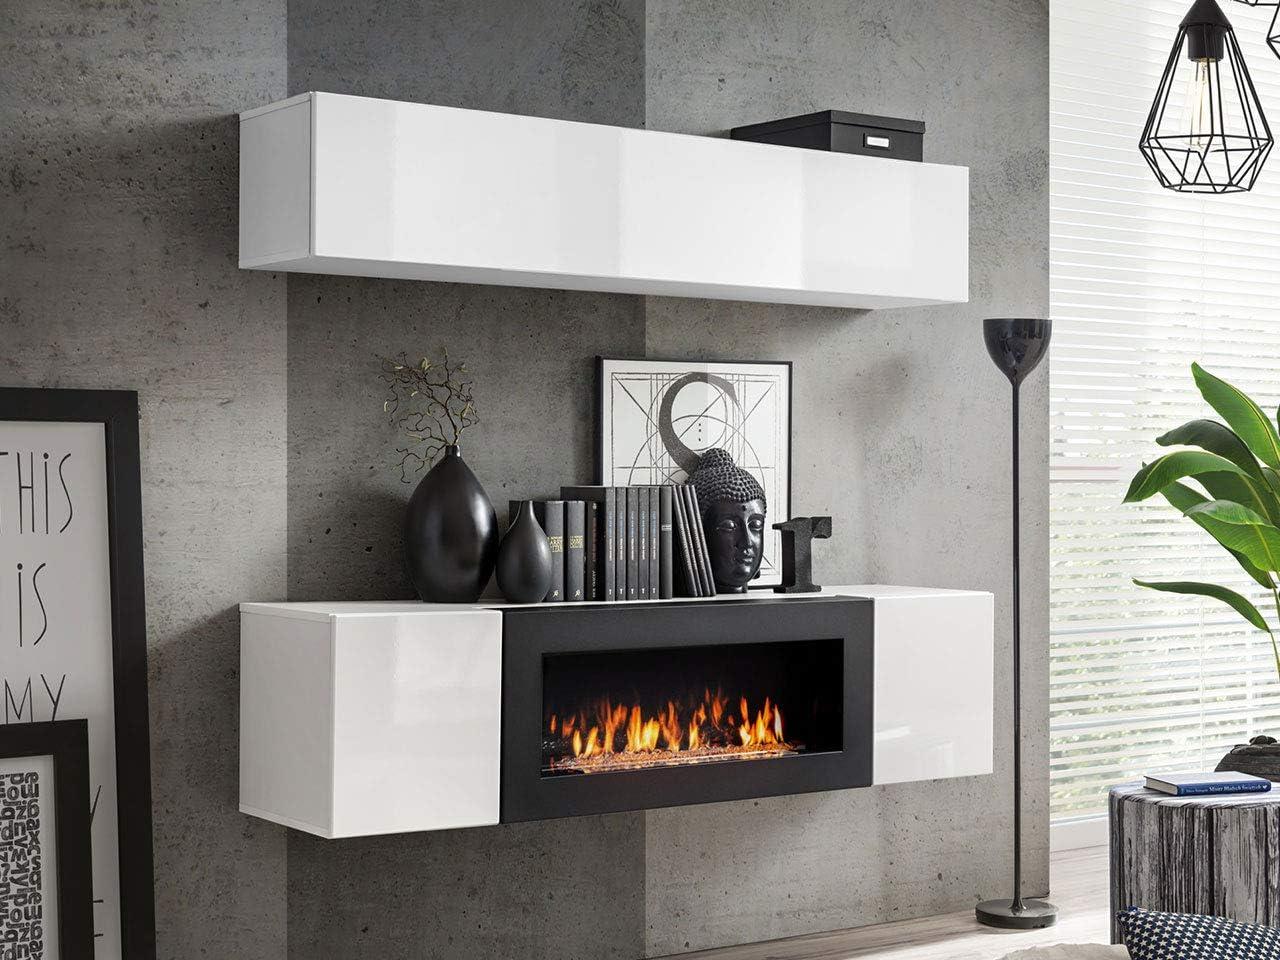 Moderne Wohnwand mit Kamin Bioethanol Flyer N9, Elegante Anbauwand mit  Kamineinsatz, Schrankwand, Wohnzimmer-Set, TV-Lowboard, Vitrine (Weiß/Weiß